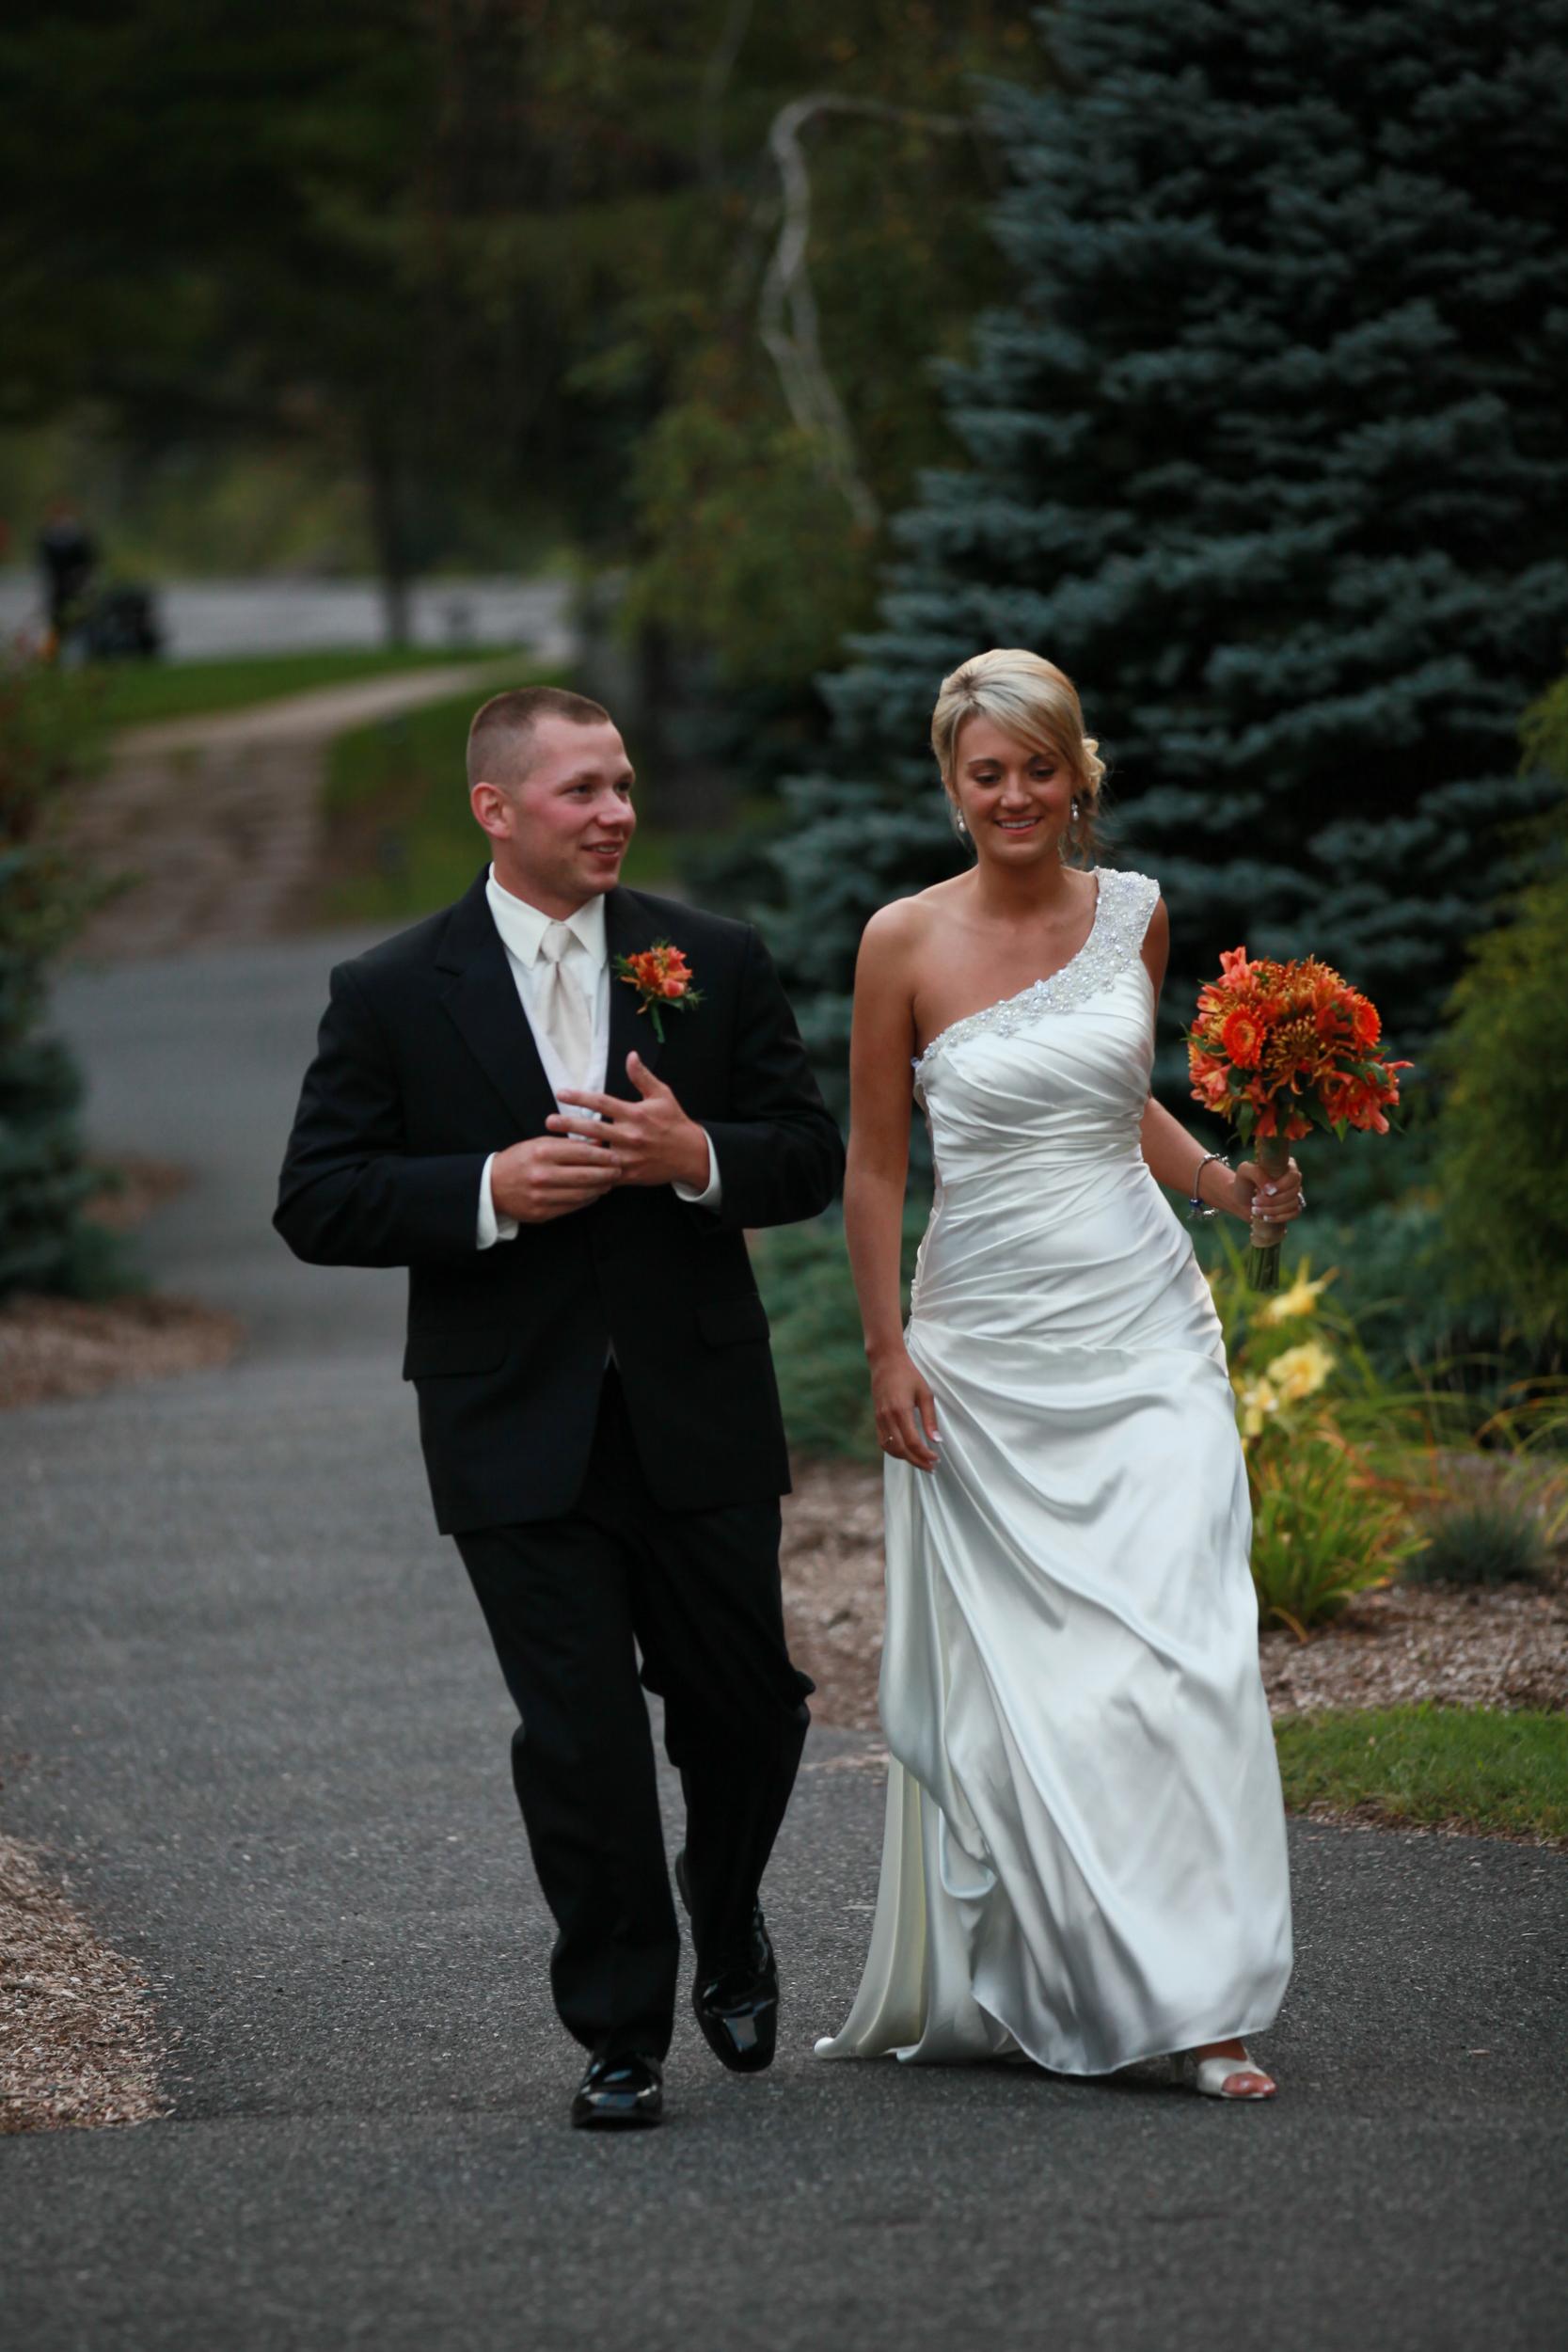 Taking a stroll at their wedding